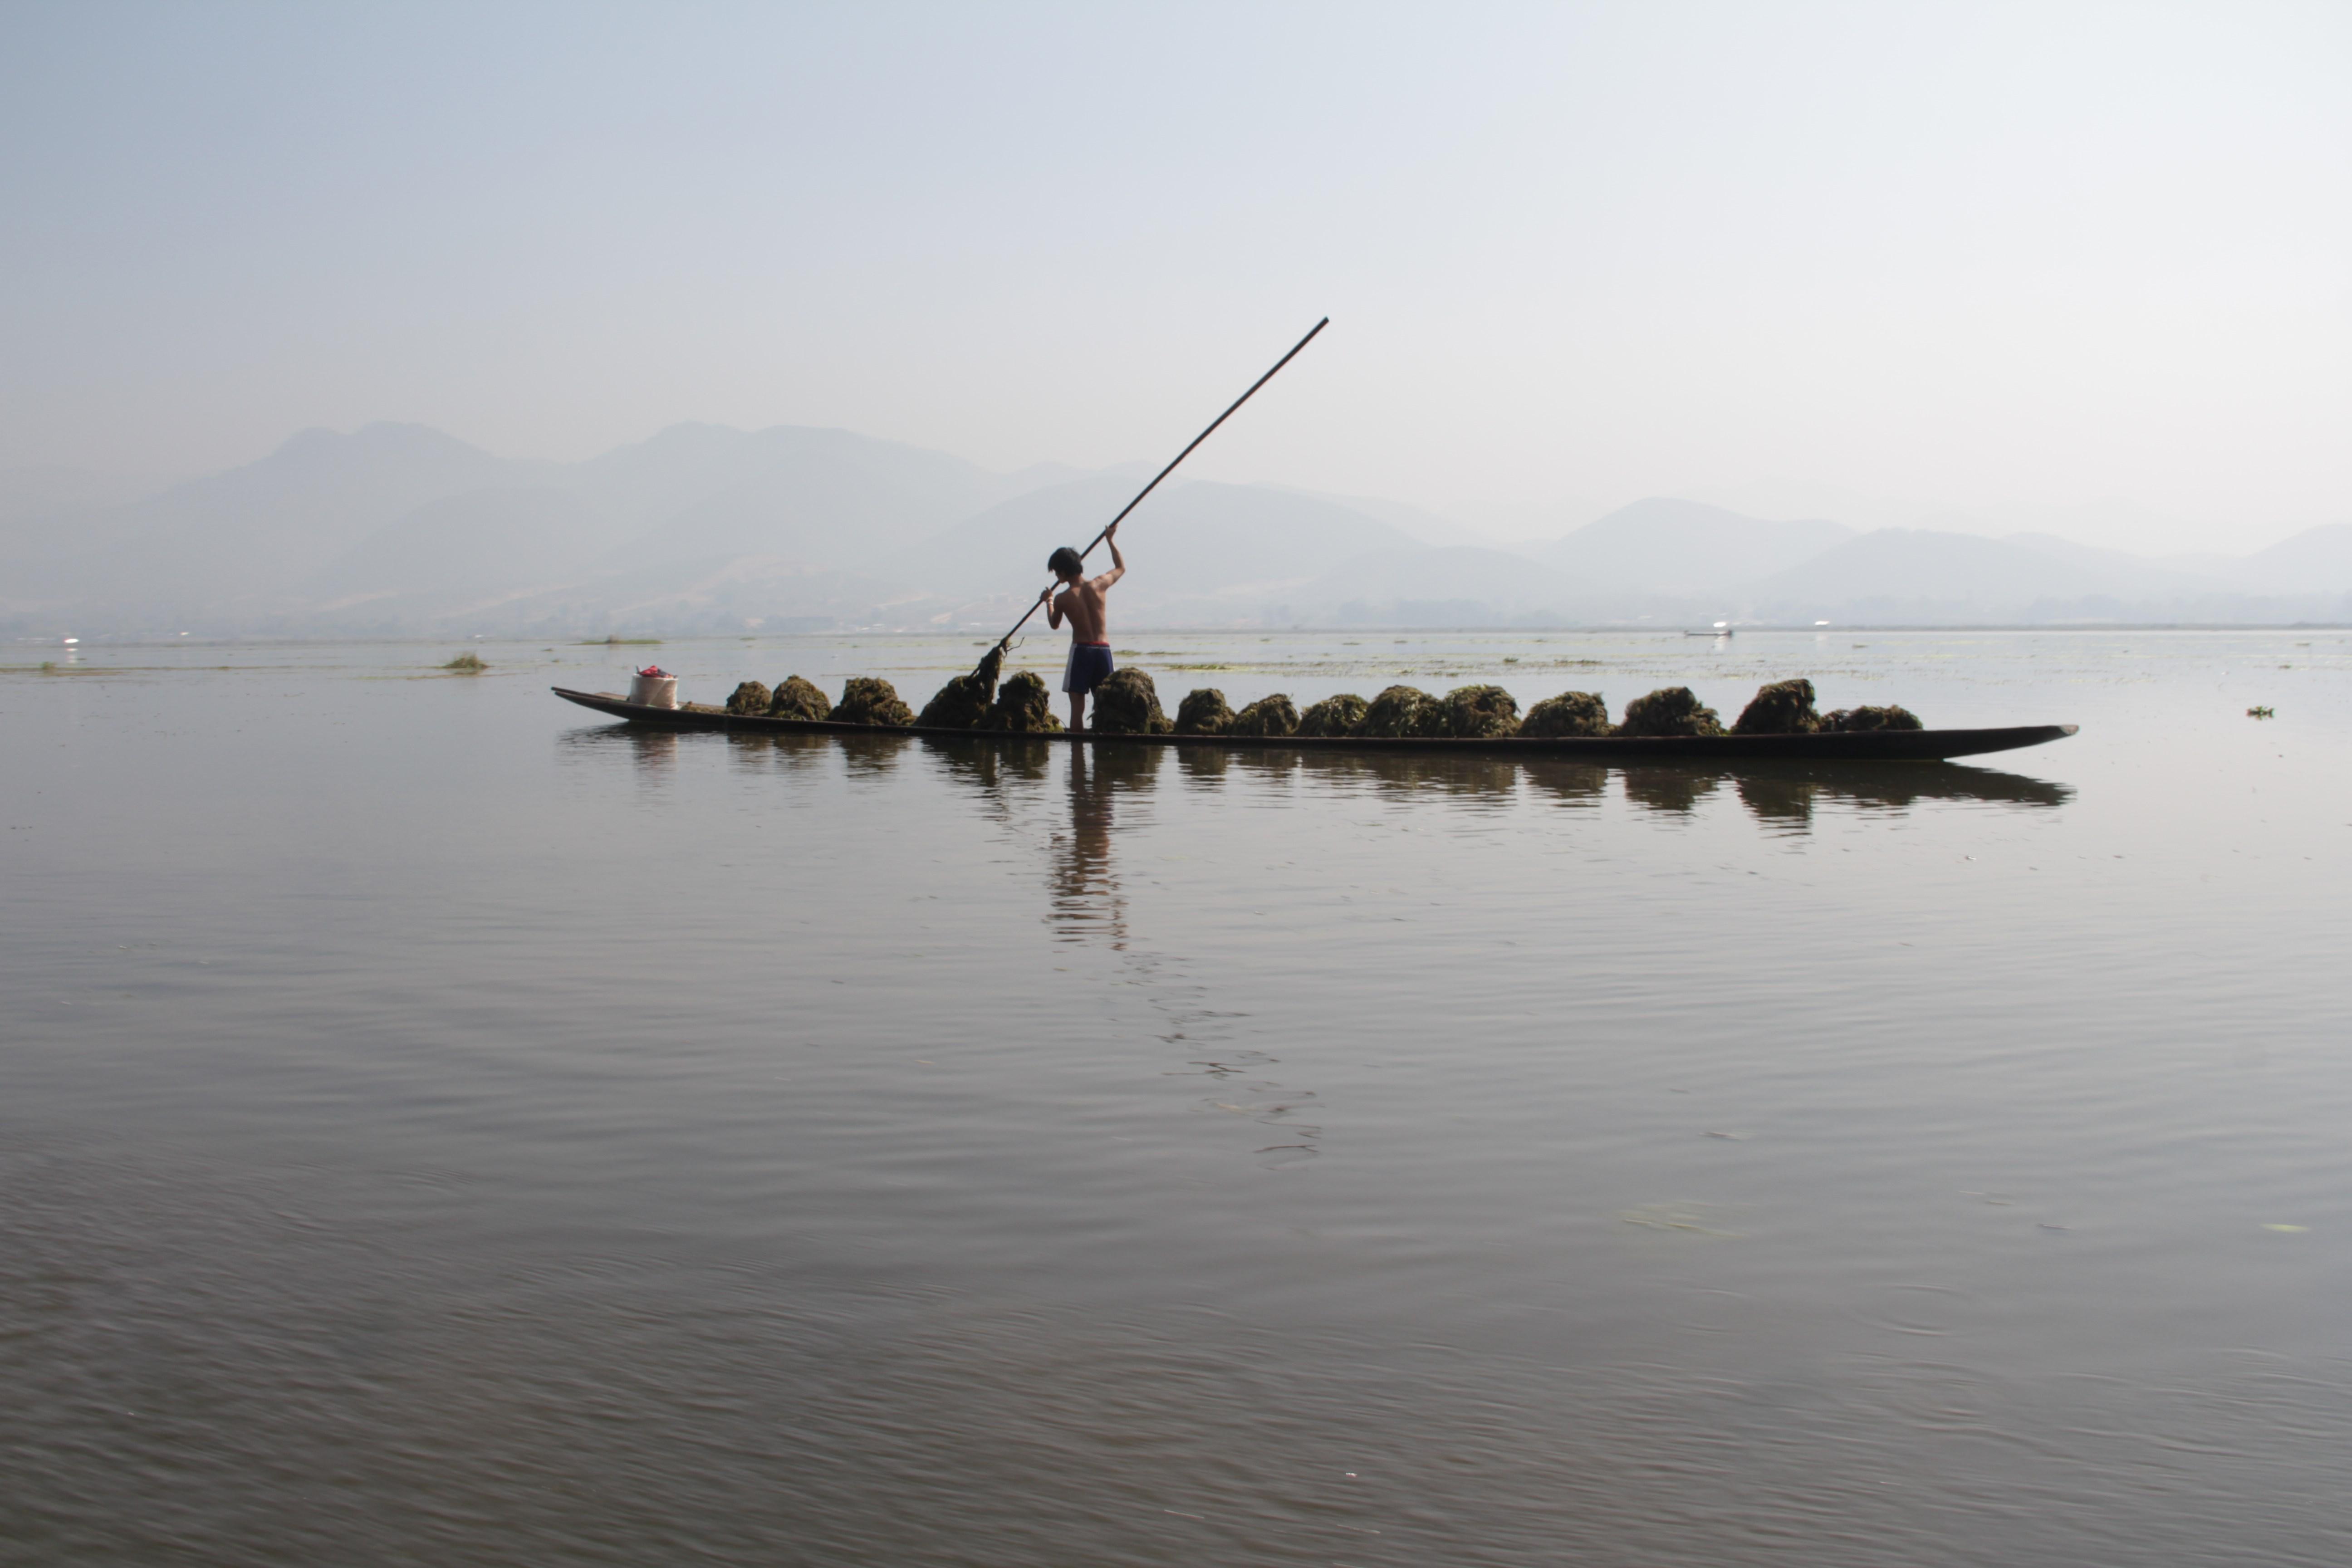 L'immensité du lac Inle se dévoile après trois jours de marche depuis Kalaw  (© Jérôme Decoster).